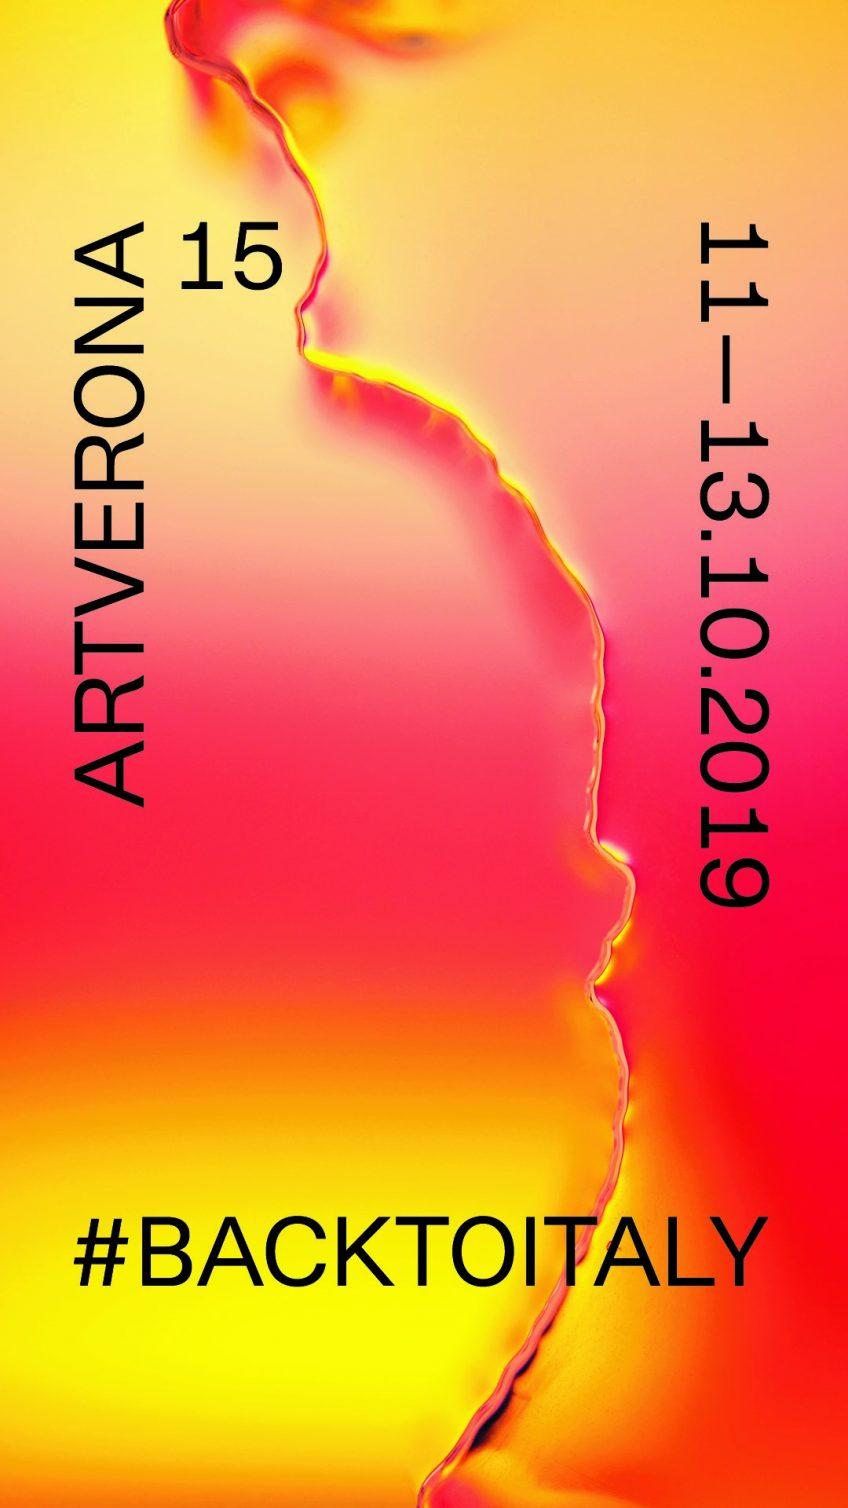 ArtVerona 11-13 ottobre 2019